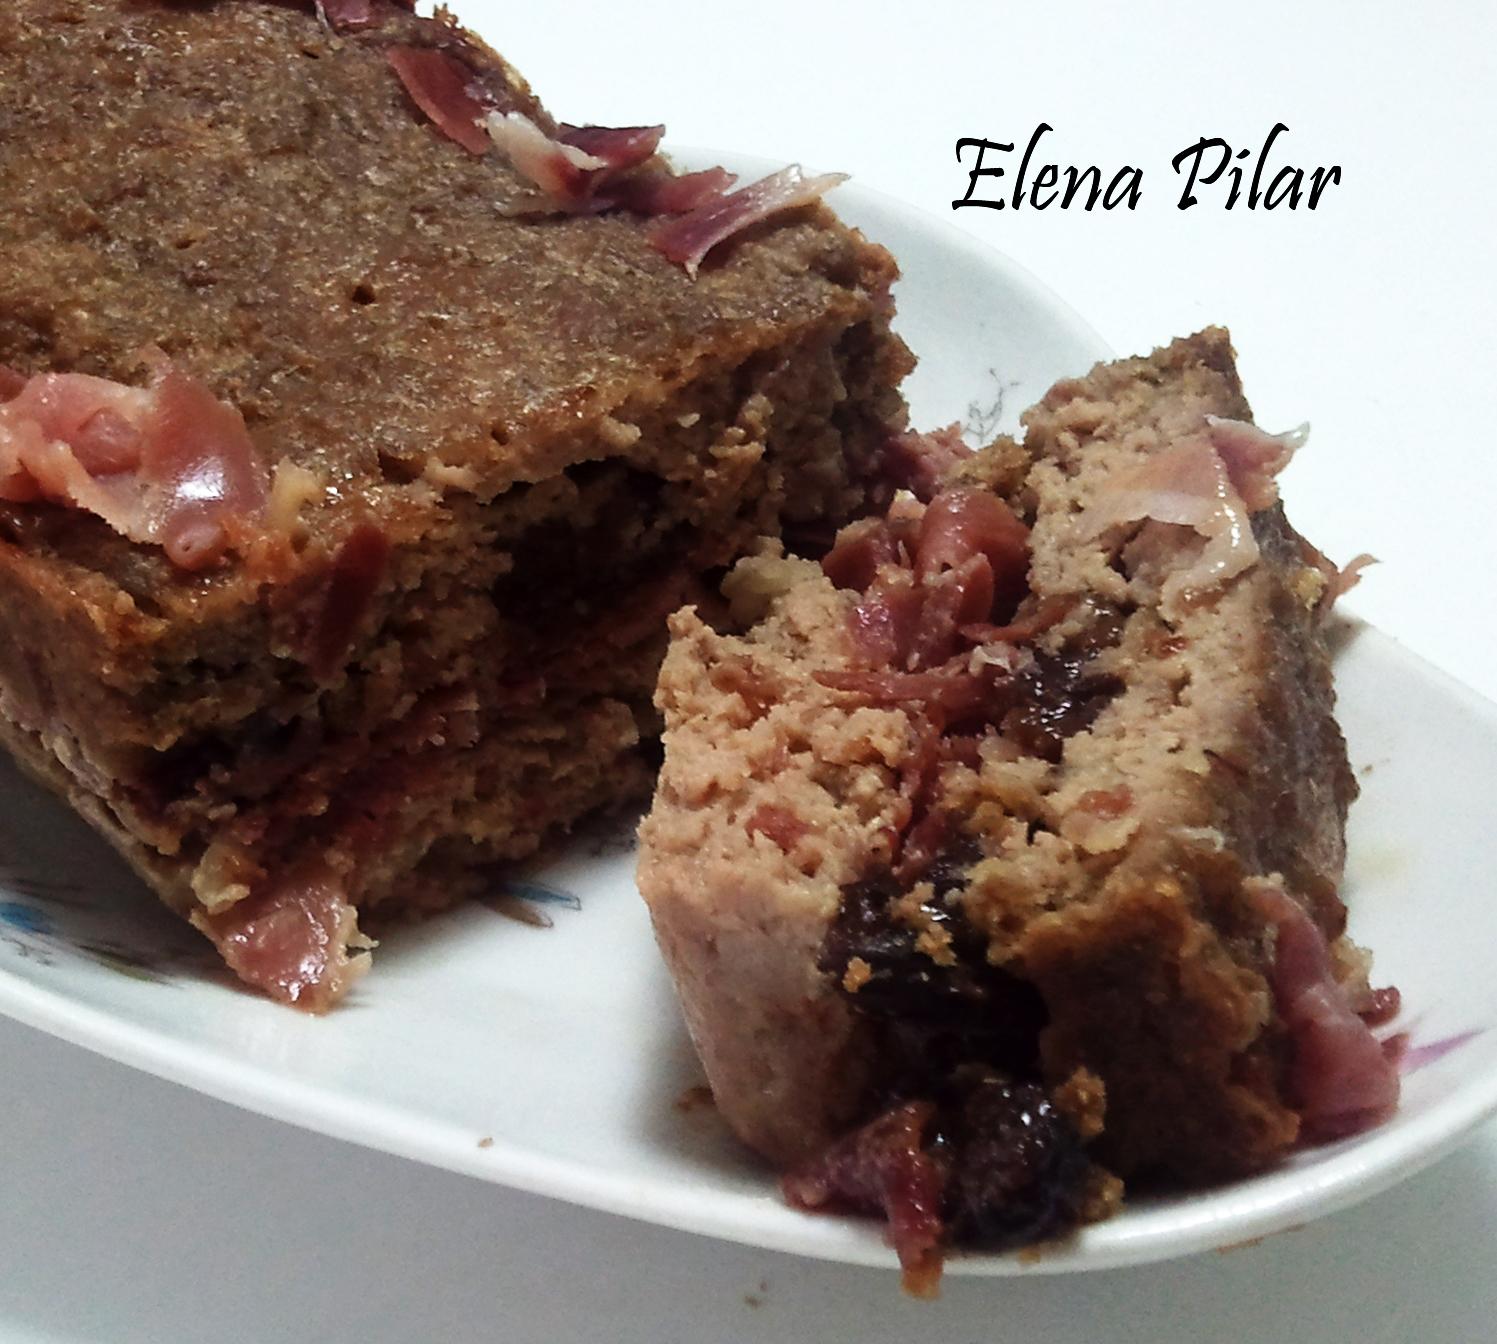 Mi recetario por elena pilar fiambre de carne al pedro - Carne con ciruelas pasas ...